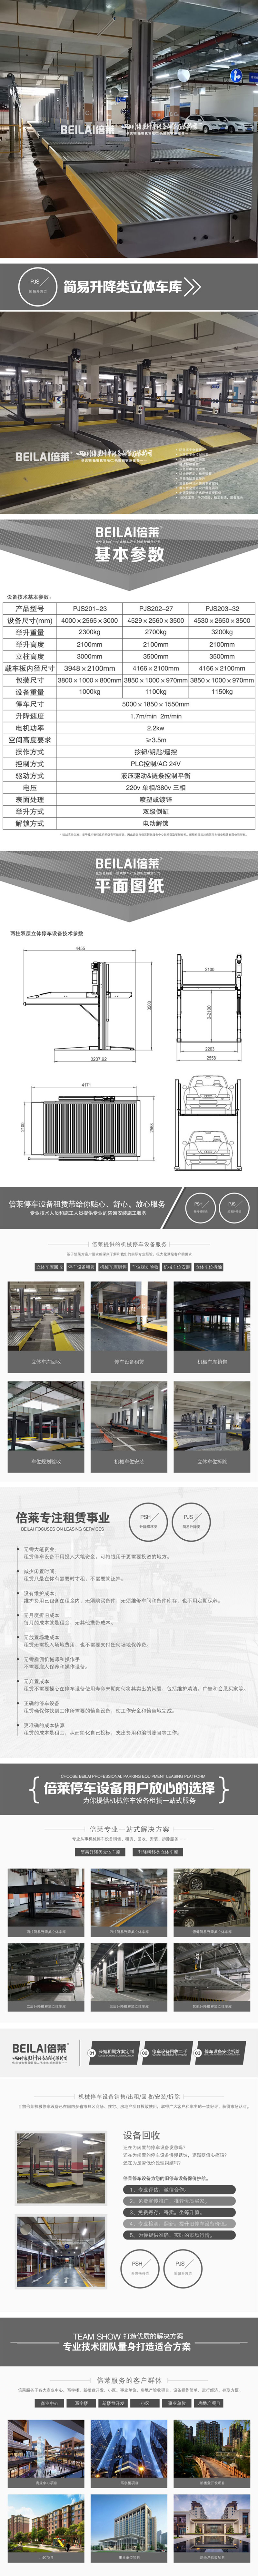 重慶家用立體車庫回收長壽立體車庫廠家倍萊租賃立體車庫